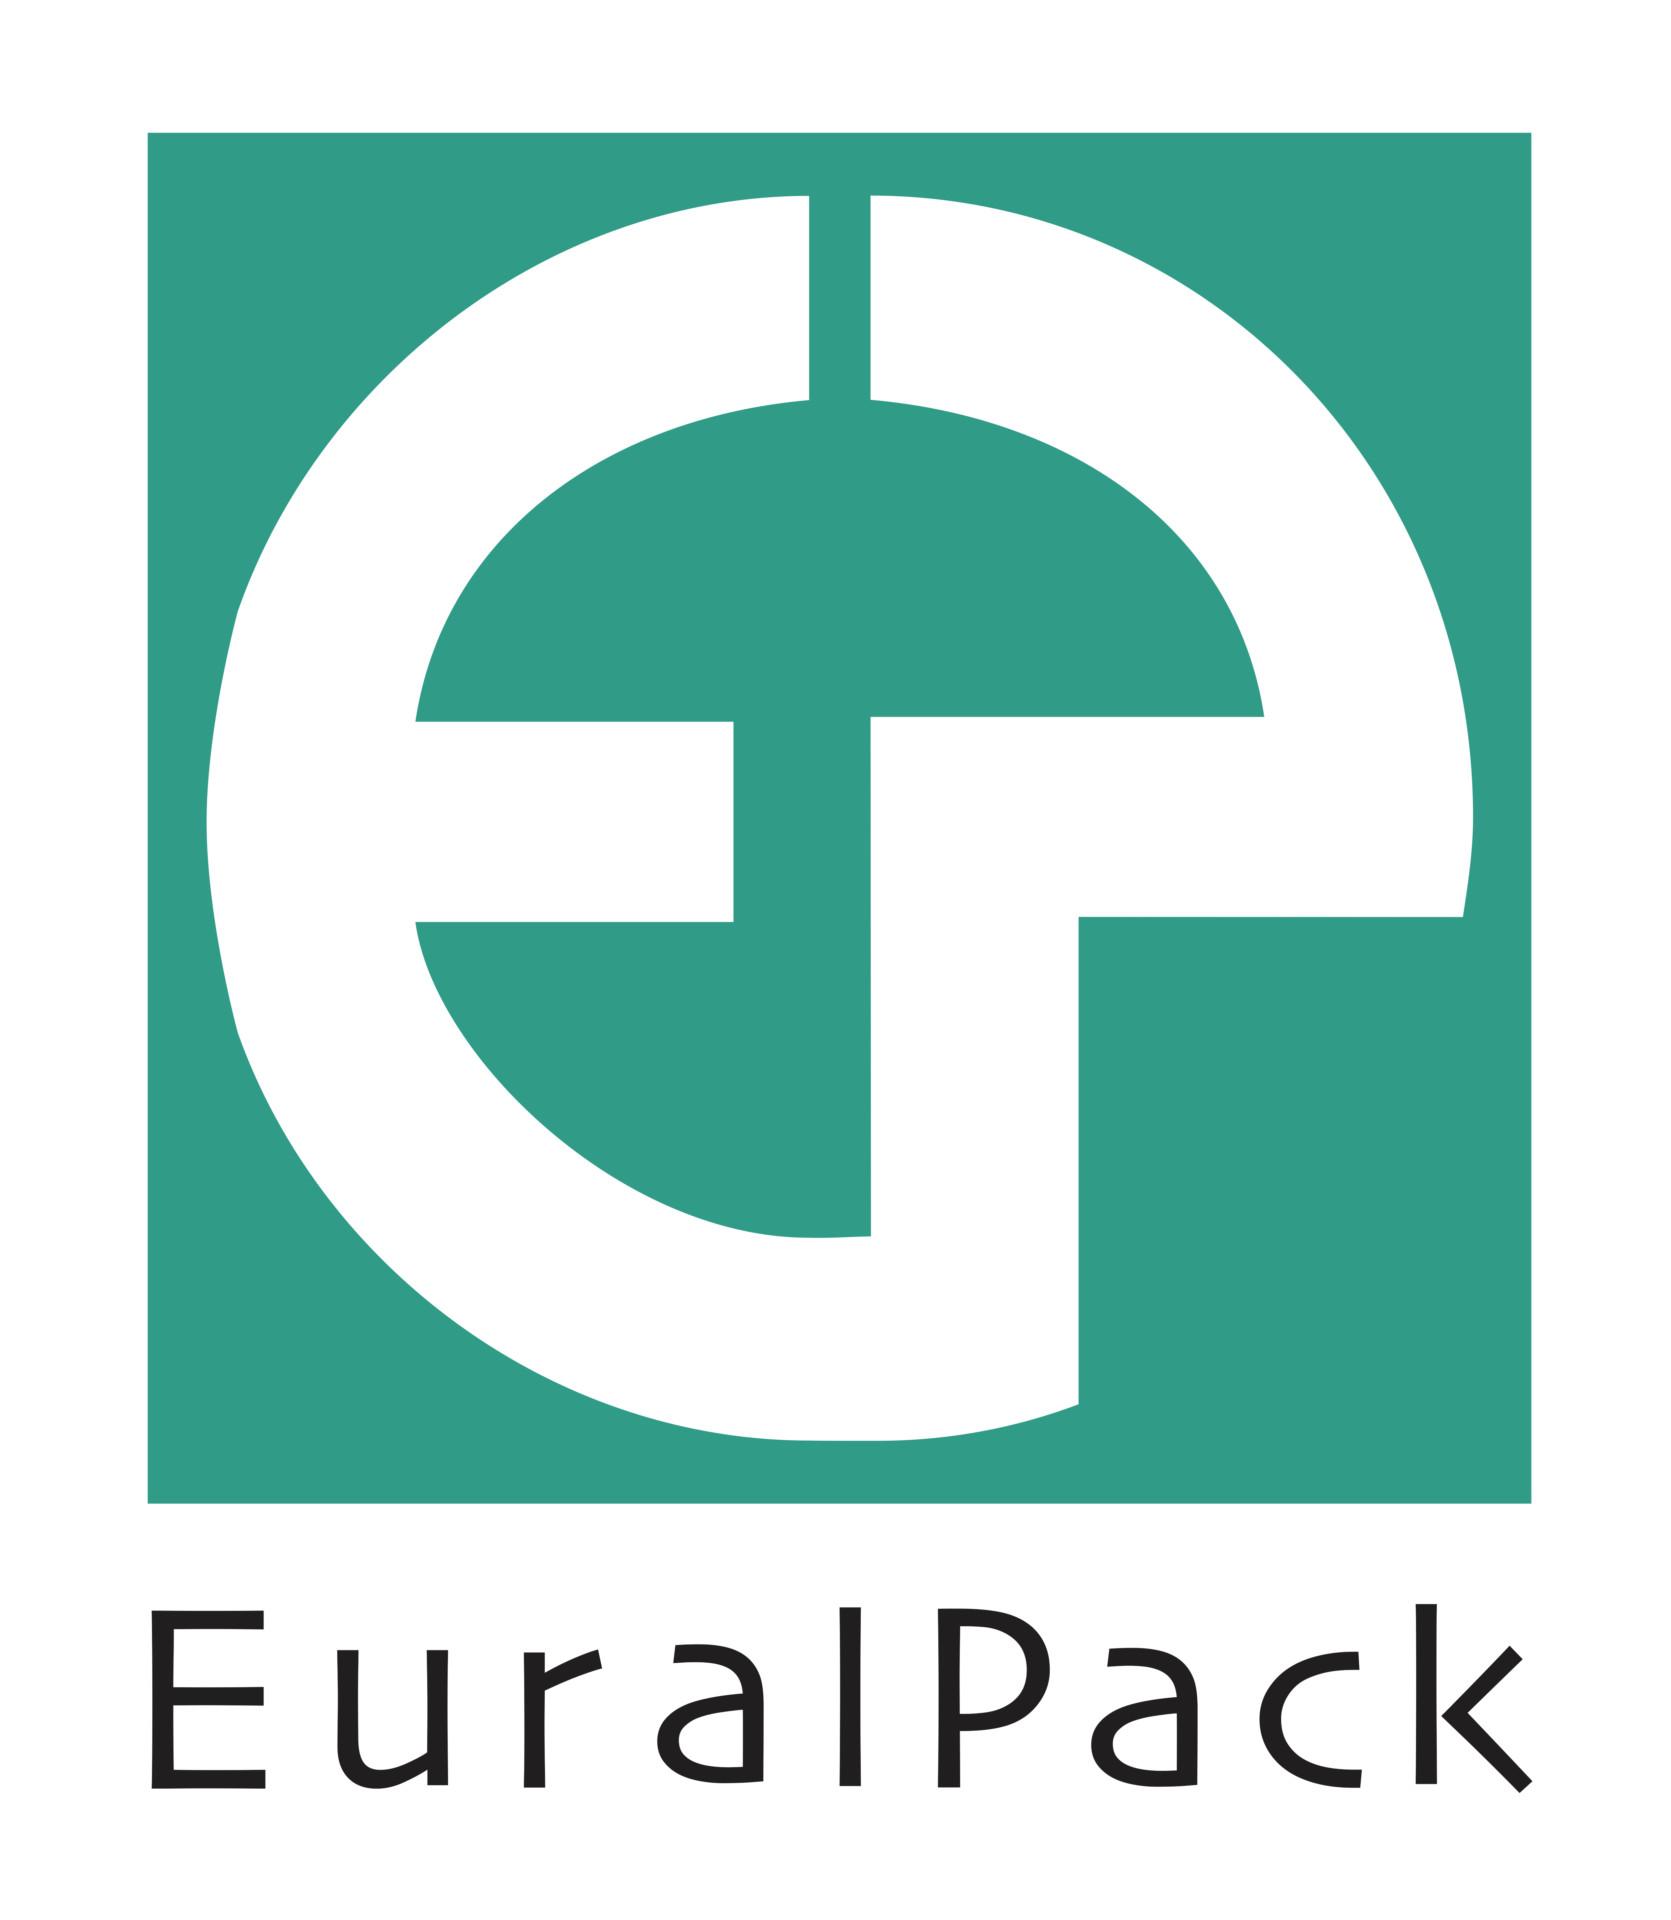 EuralPack nv